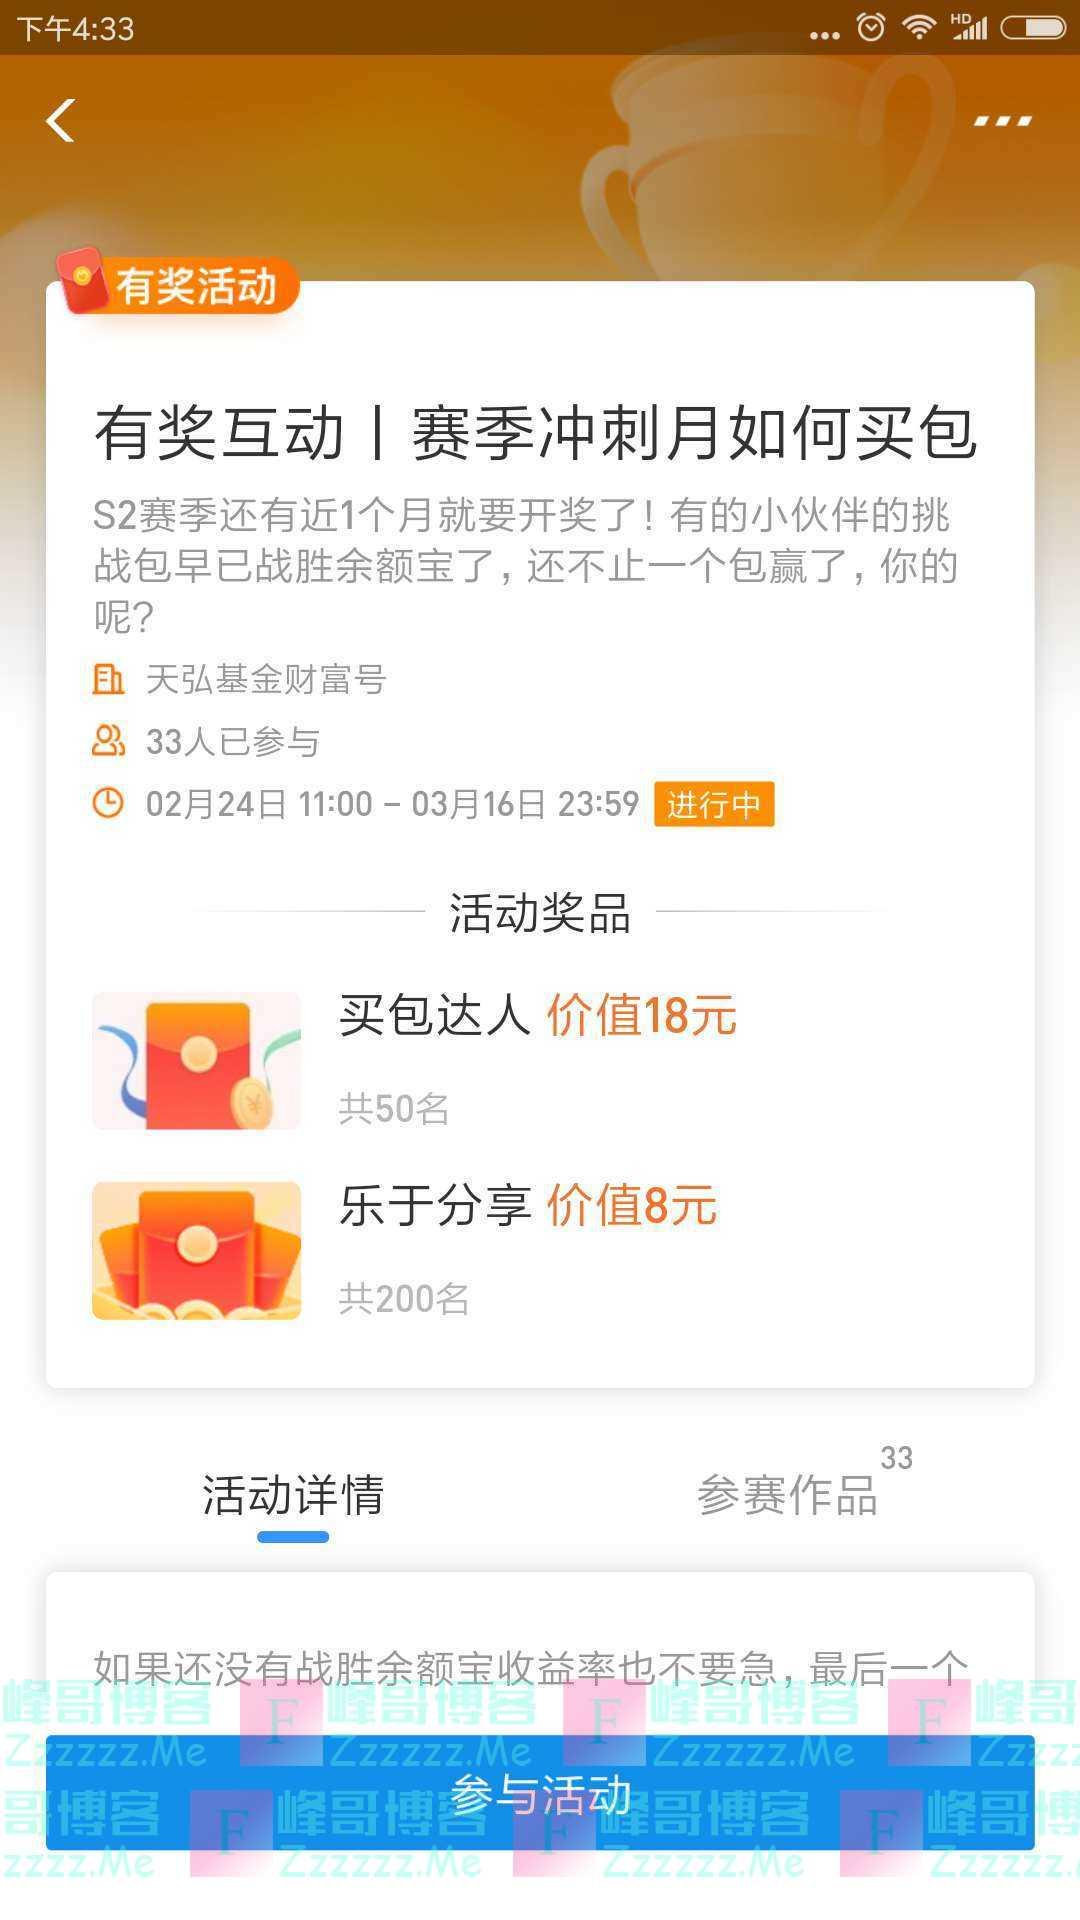 天弘基金有奖互动 赛季冲刺月如何买包(截止3月16日)